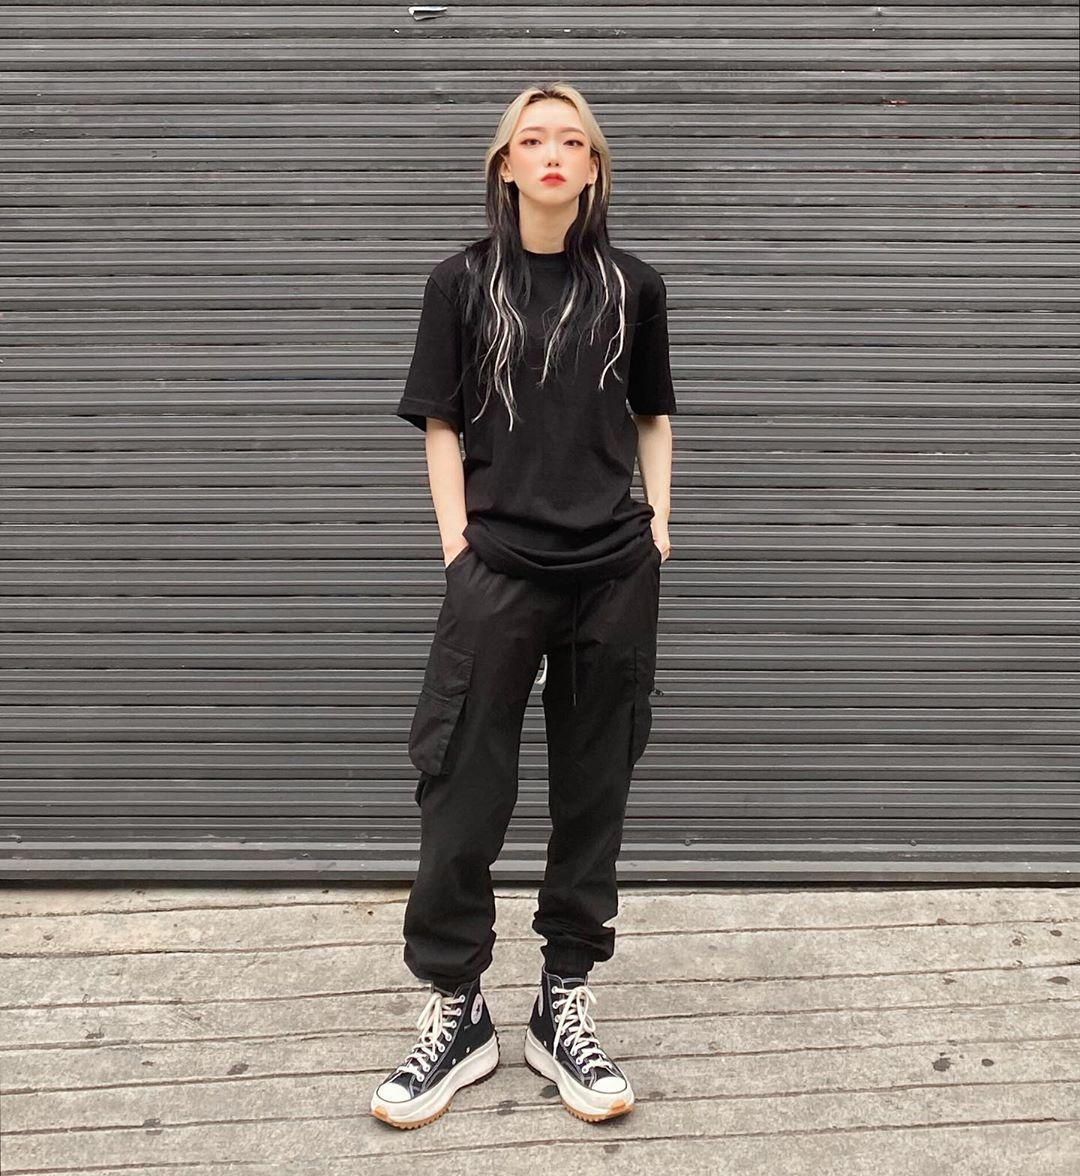 Phong cách tomboy trang phục phối theo all black áo đen và quần đen